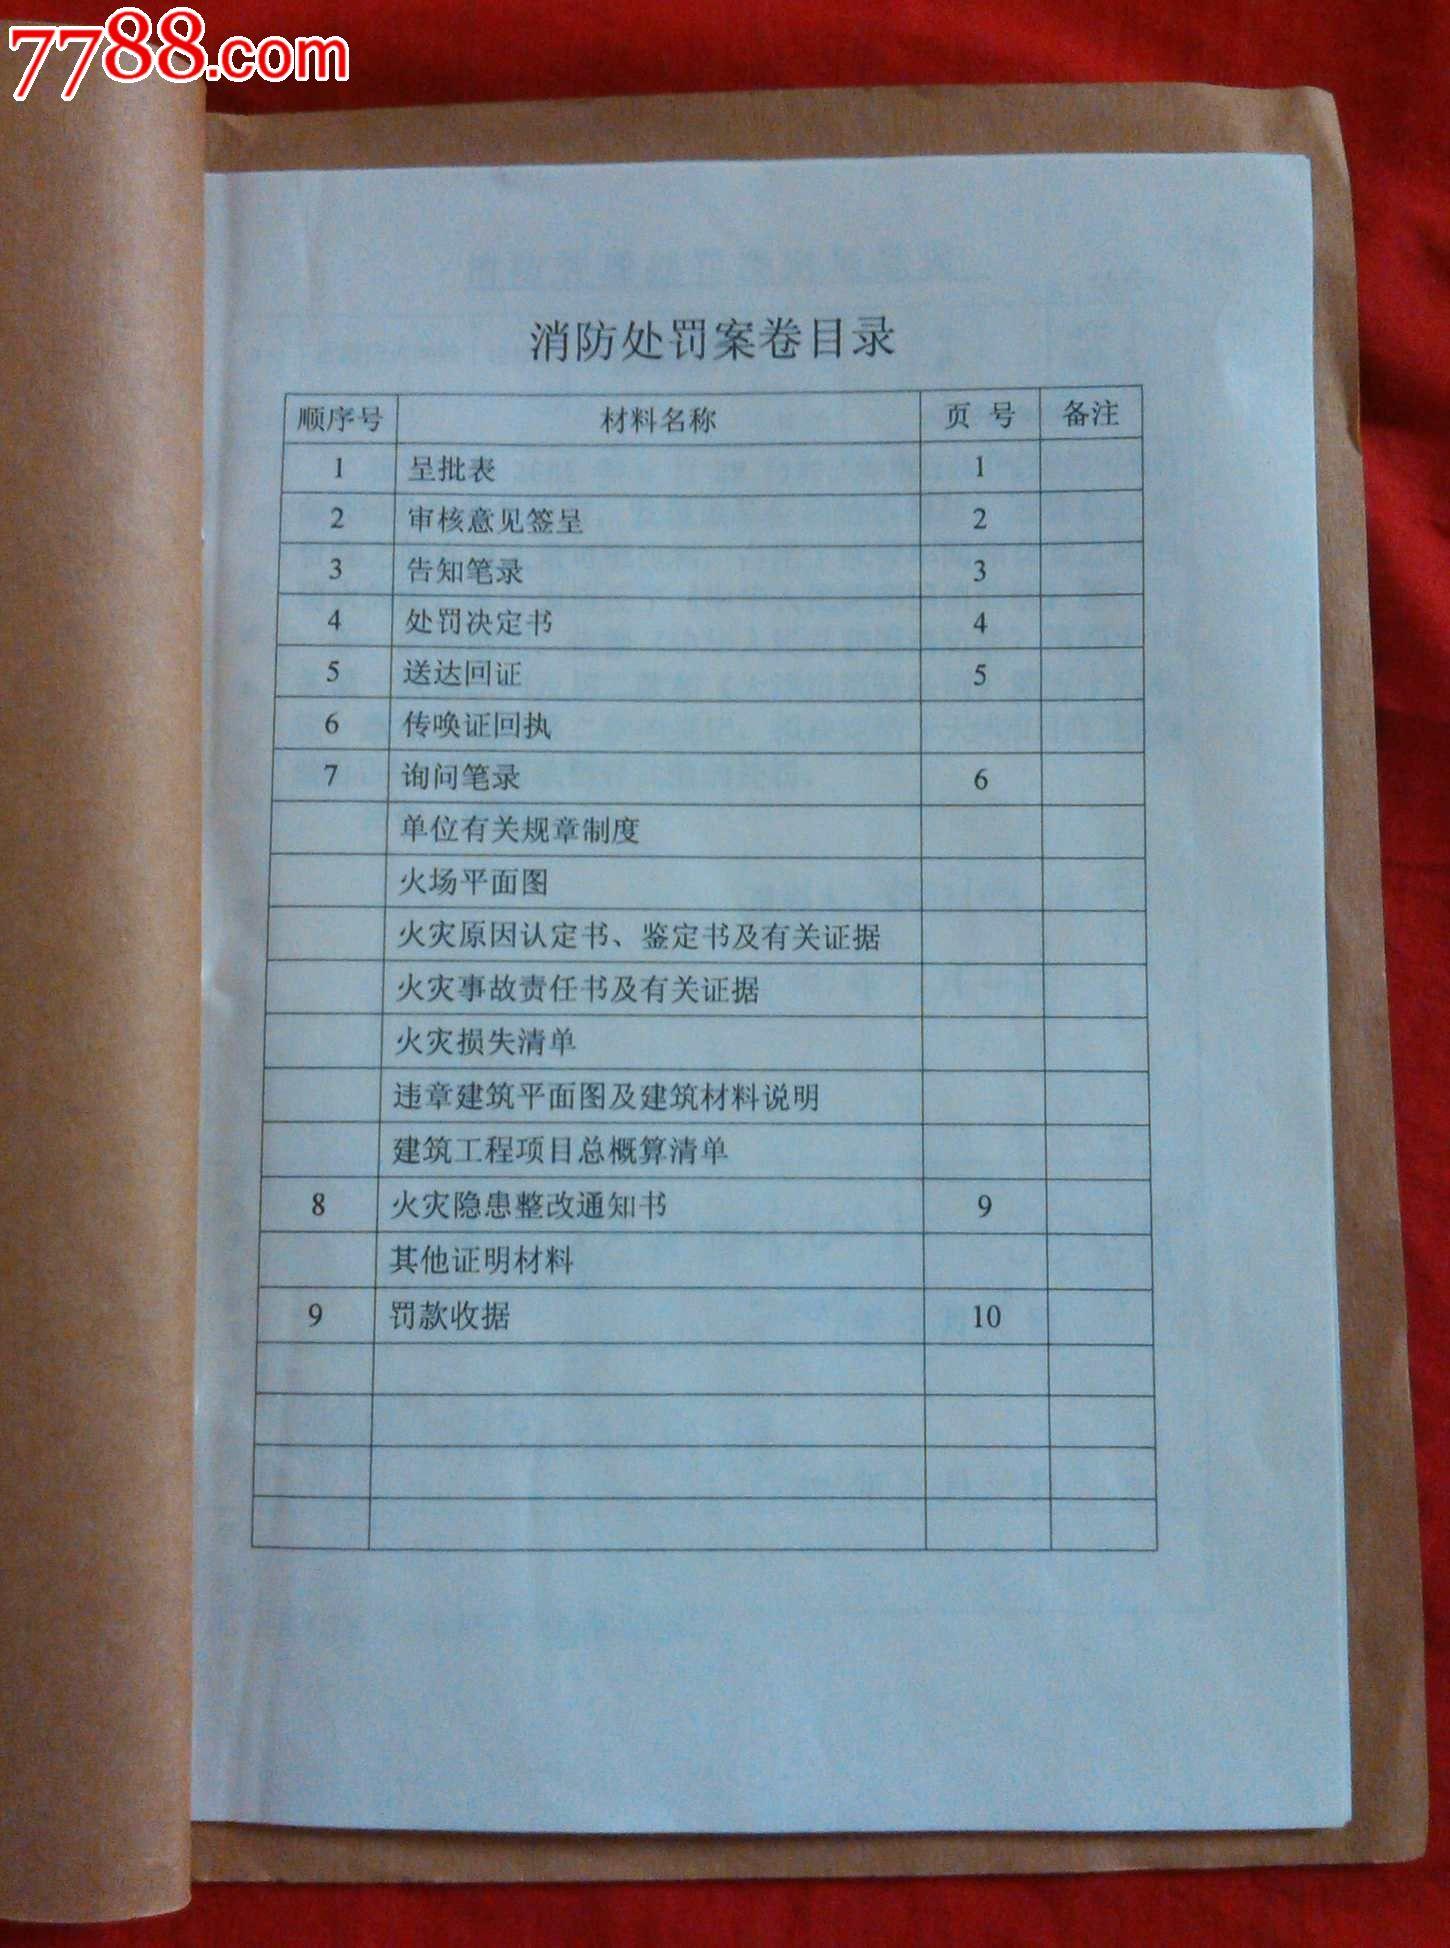 上海侦查取证_网络嗅探技术侦查取证_上海经济侦查大队